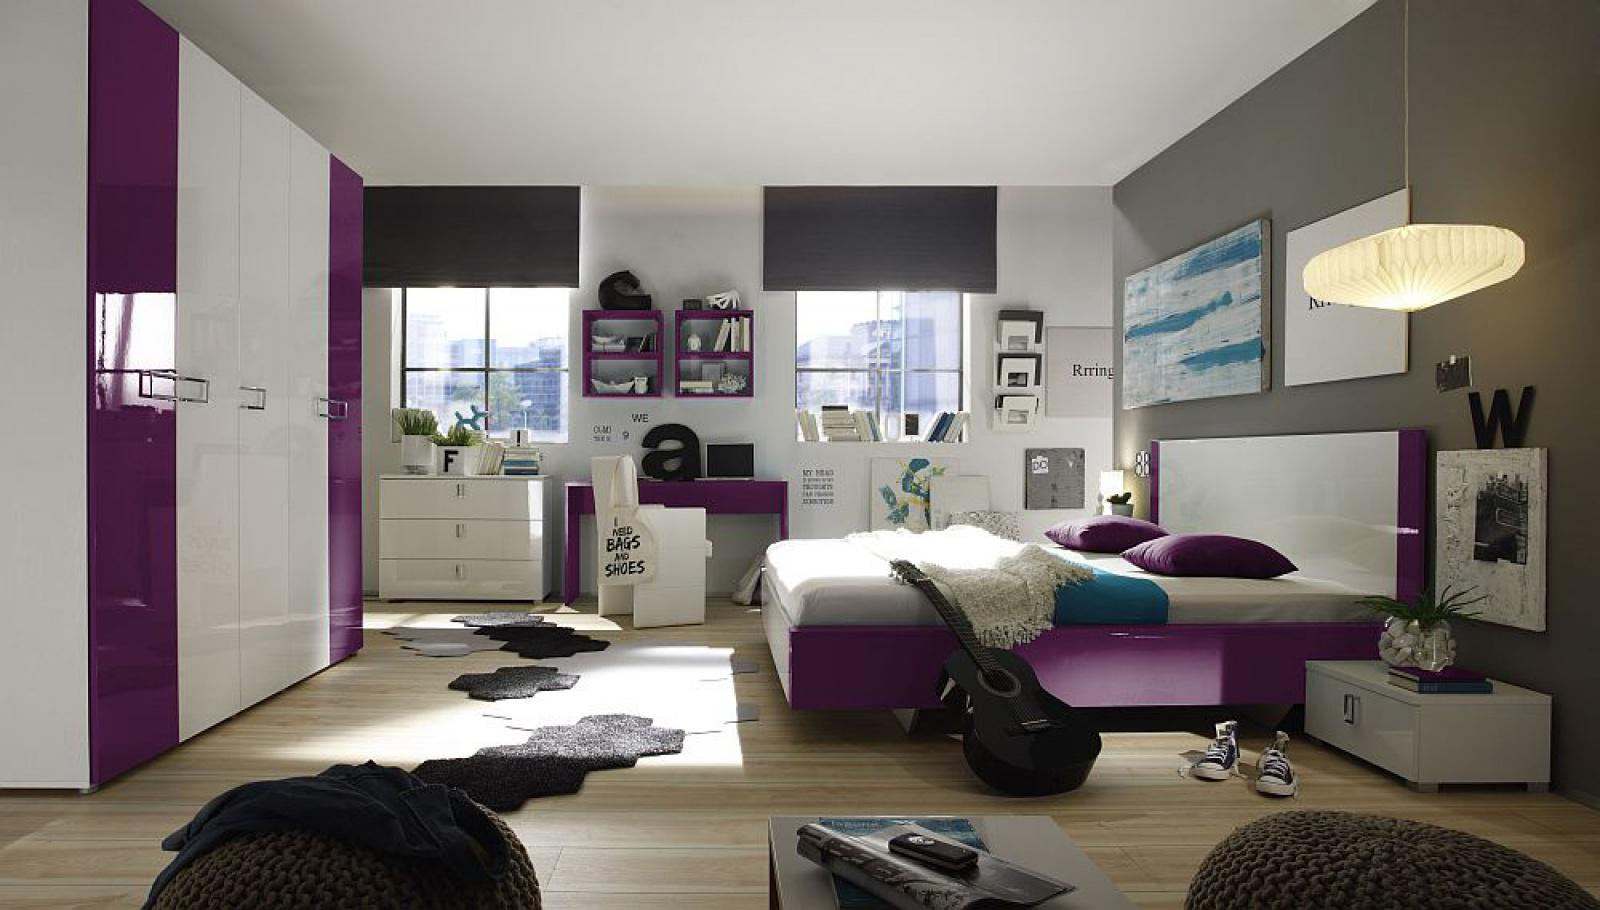 jugendzimmer t rkis lila moderne schlafzimmer gestaltung schwarz ... - Trkis Bilder Frs Schlafzimmer